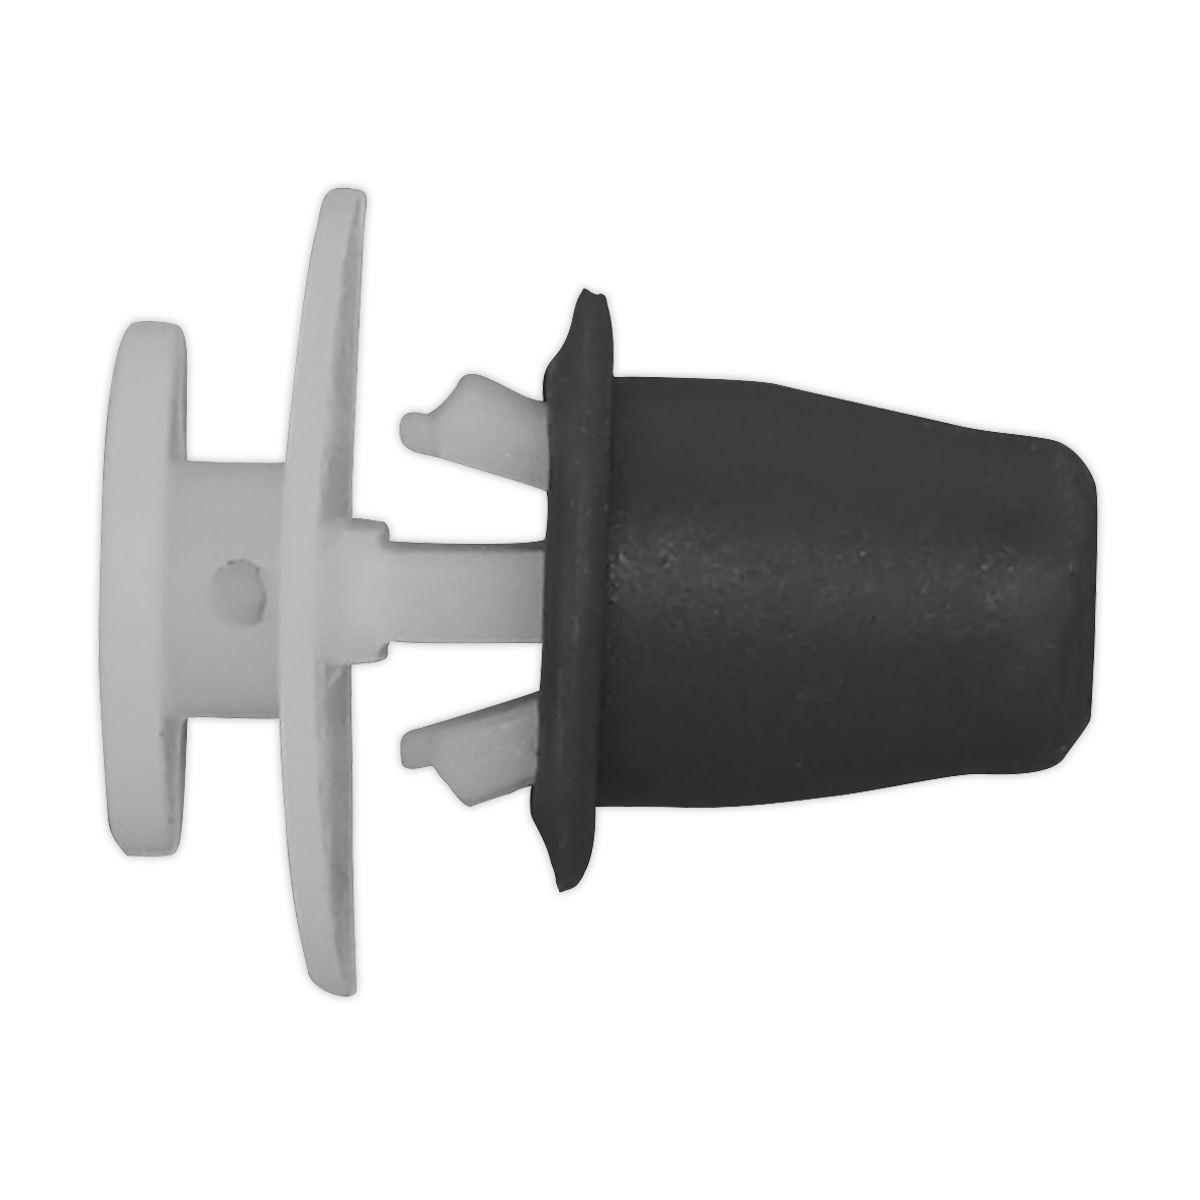 Cobre del cárter Arandela 13mm X 18 Mm X 1,5 mm-Pack De 10